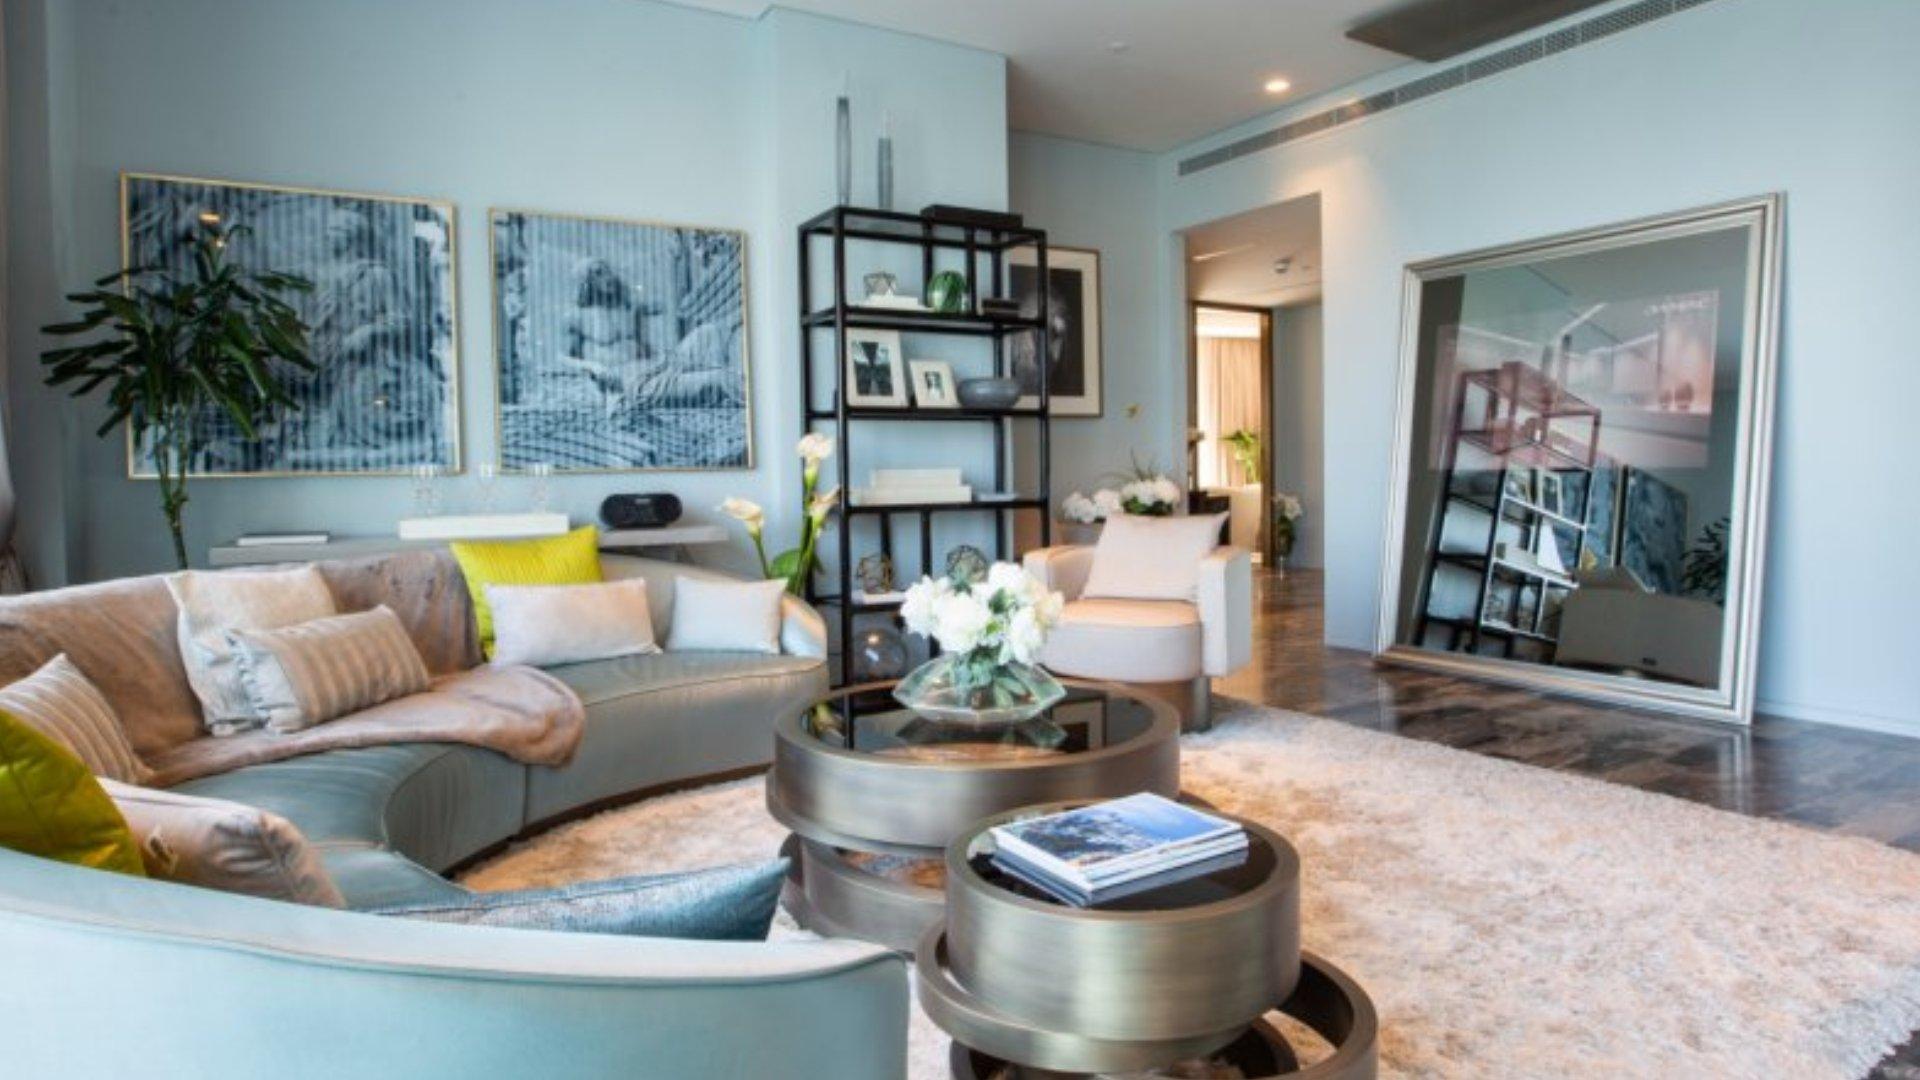 Apartment for sale in Dubai, UAE, 1 bedroom, 86 m2, No. 24242 – photo 1